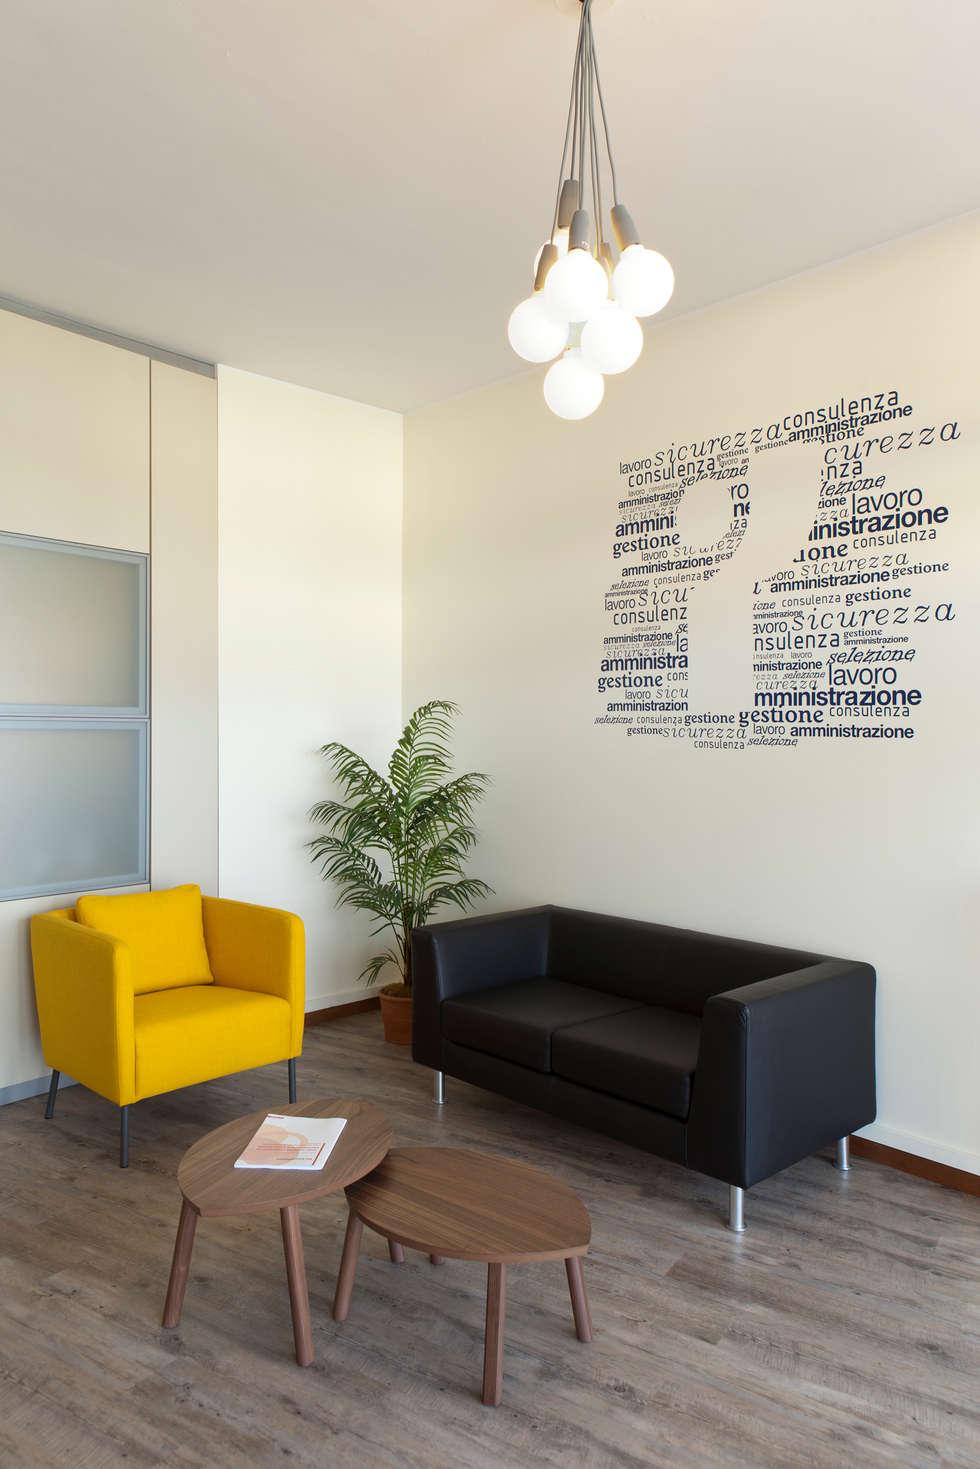 Interior Design - uffici : Foto Finito: Negozi & Locali commerciali in stile  di INNOVATEDESIGN®s.a.s. di Eleonora Raiteri